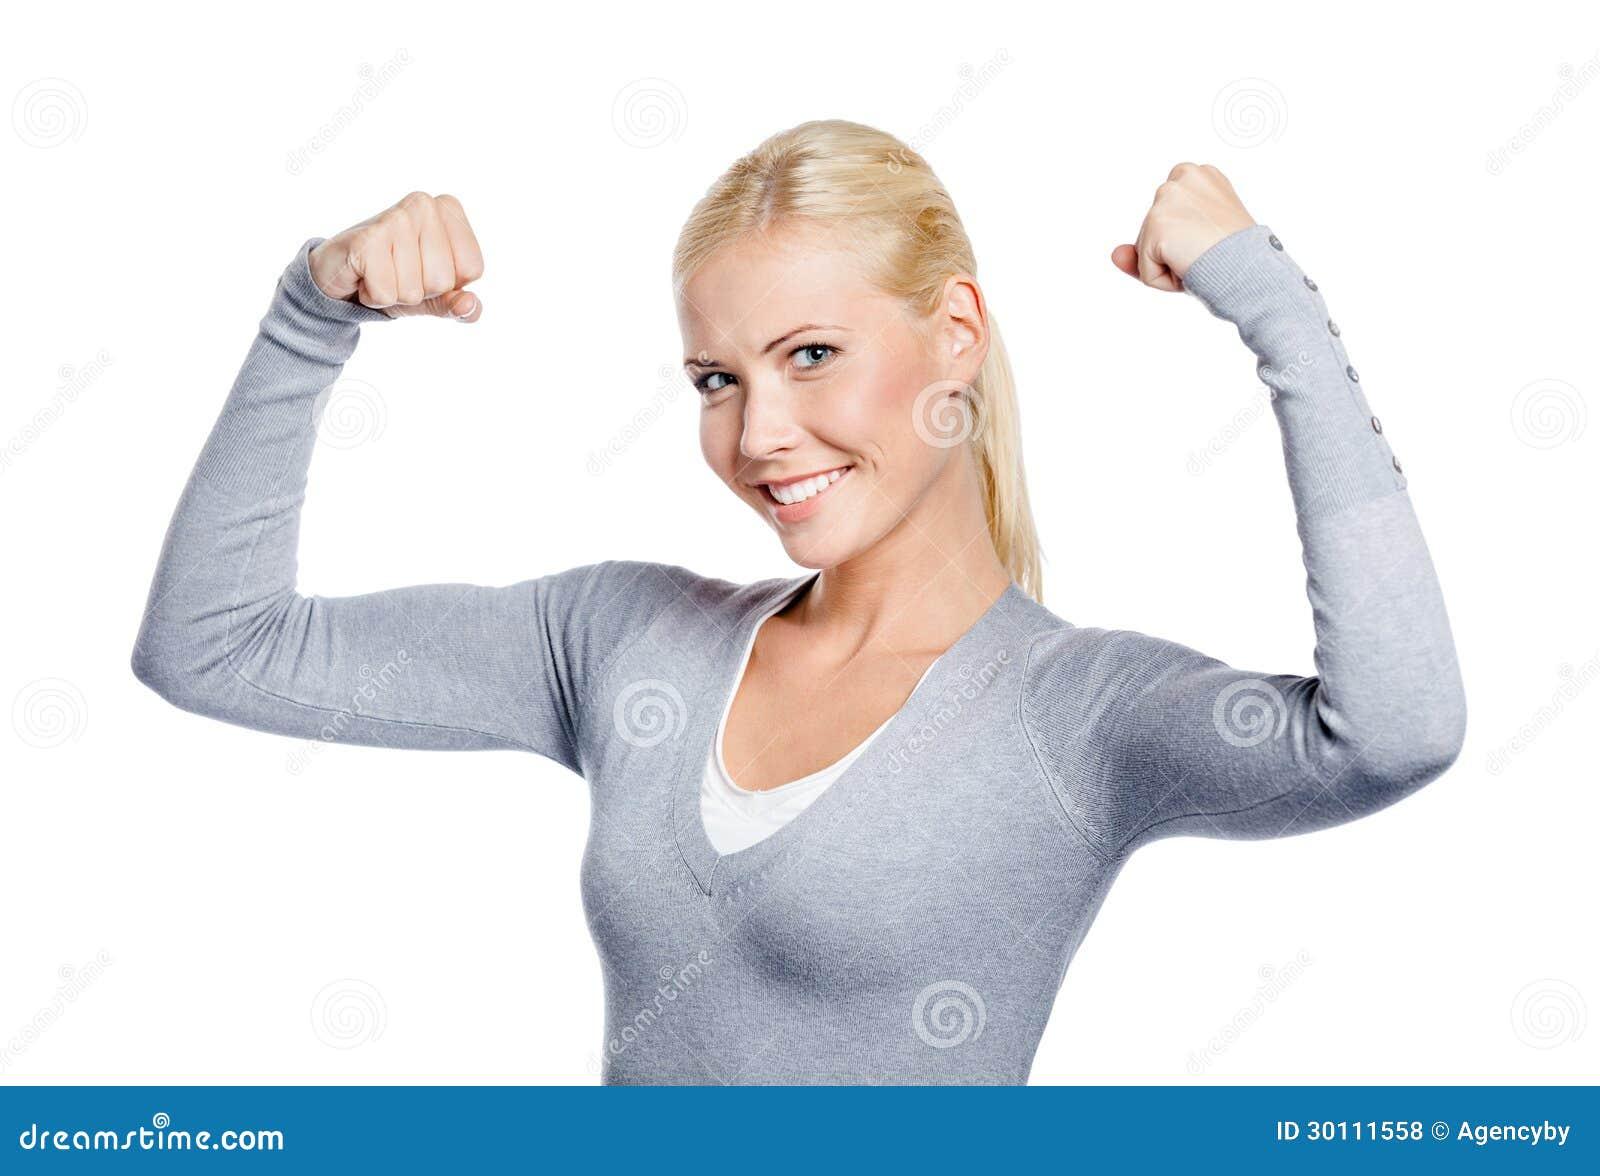 starke mädchen mit muskeln